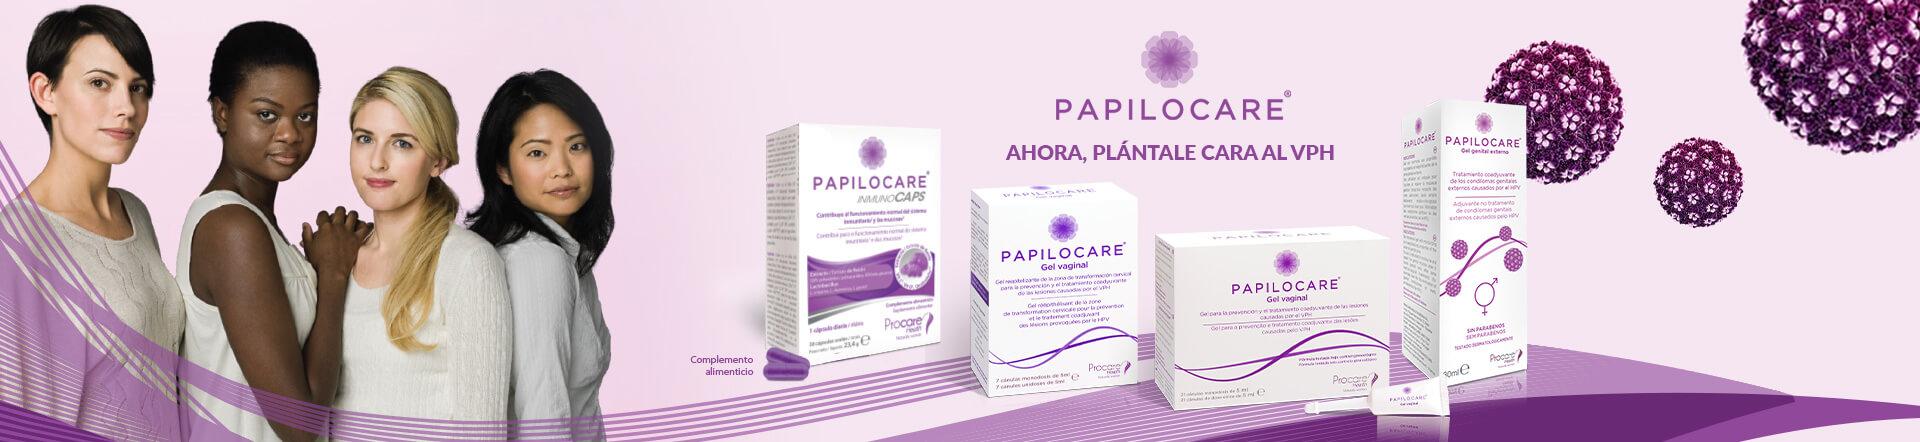 CPAS-banner-papilocare